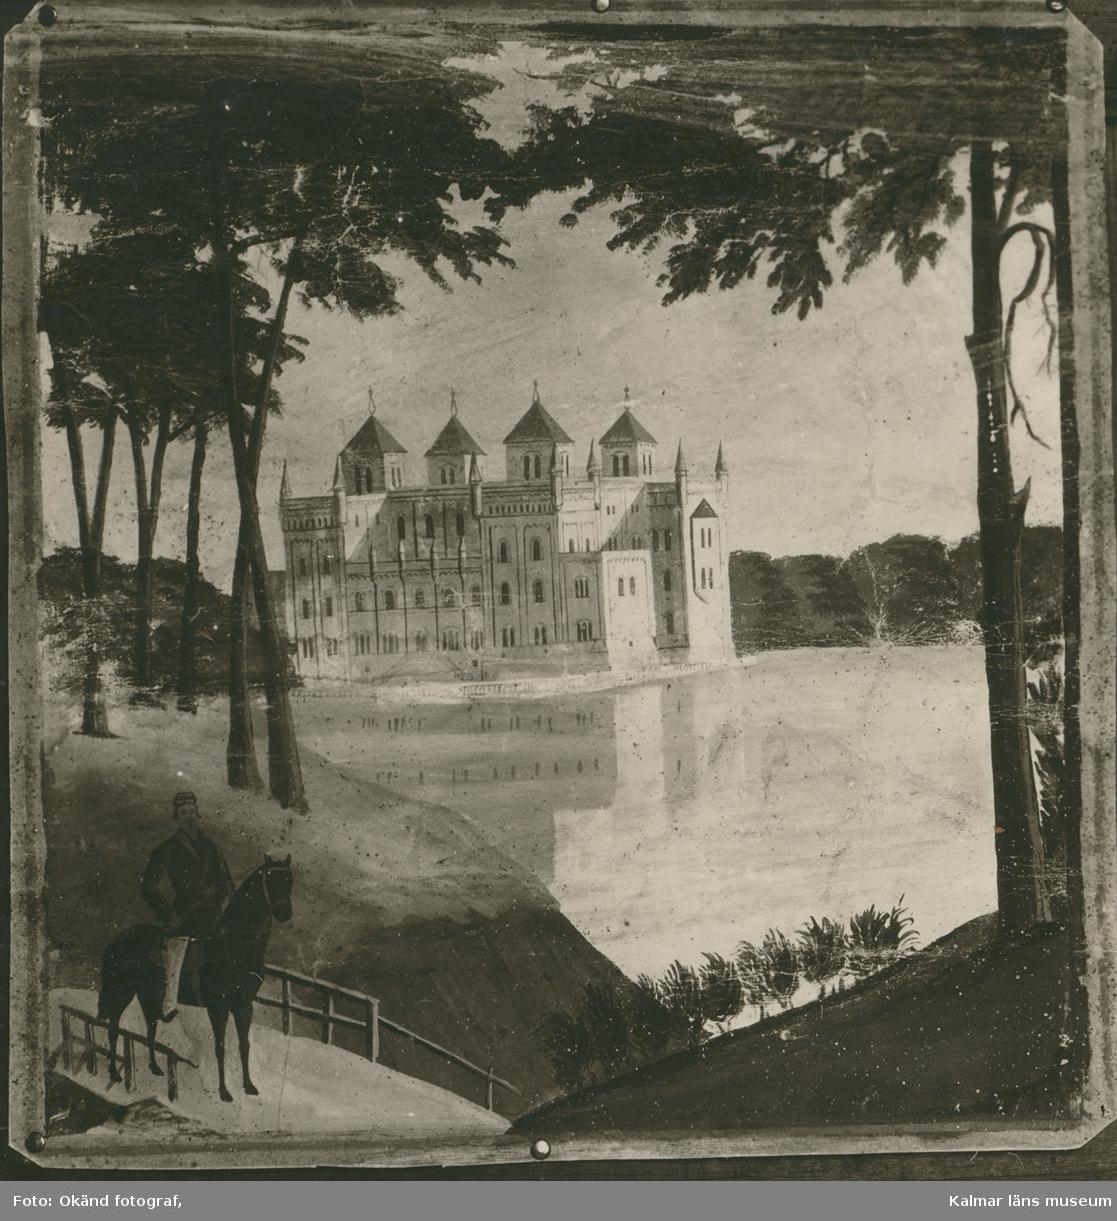 Målningen föreställer Stora Sundby herrgård i Västmanland.